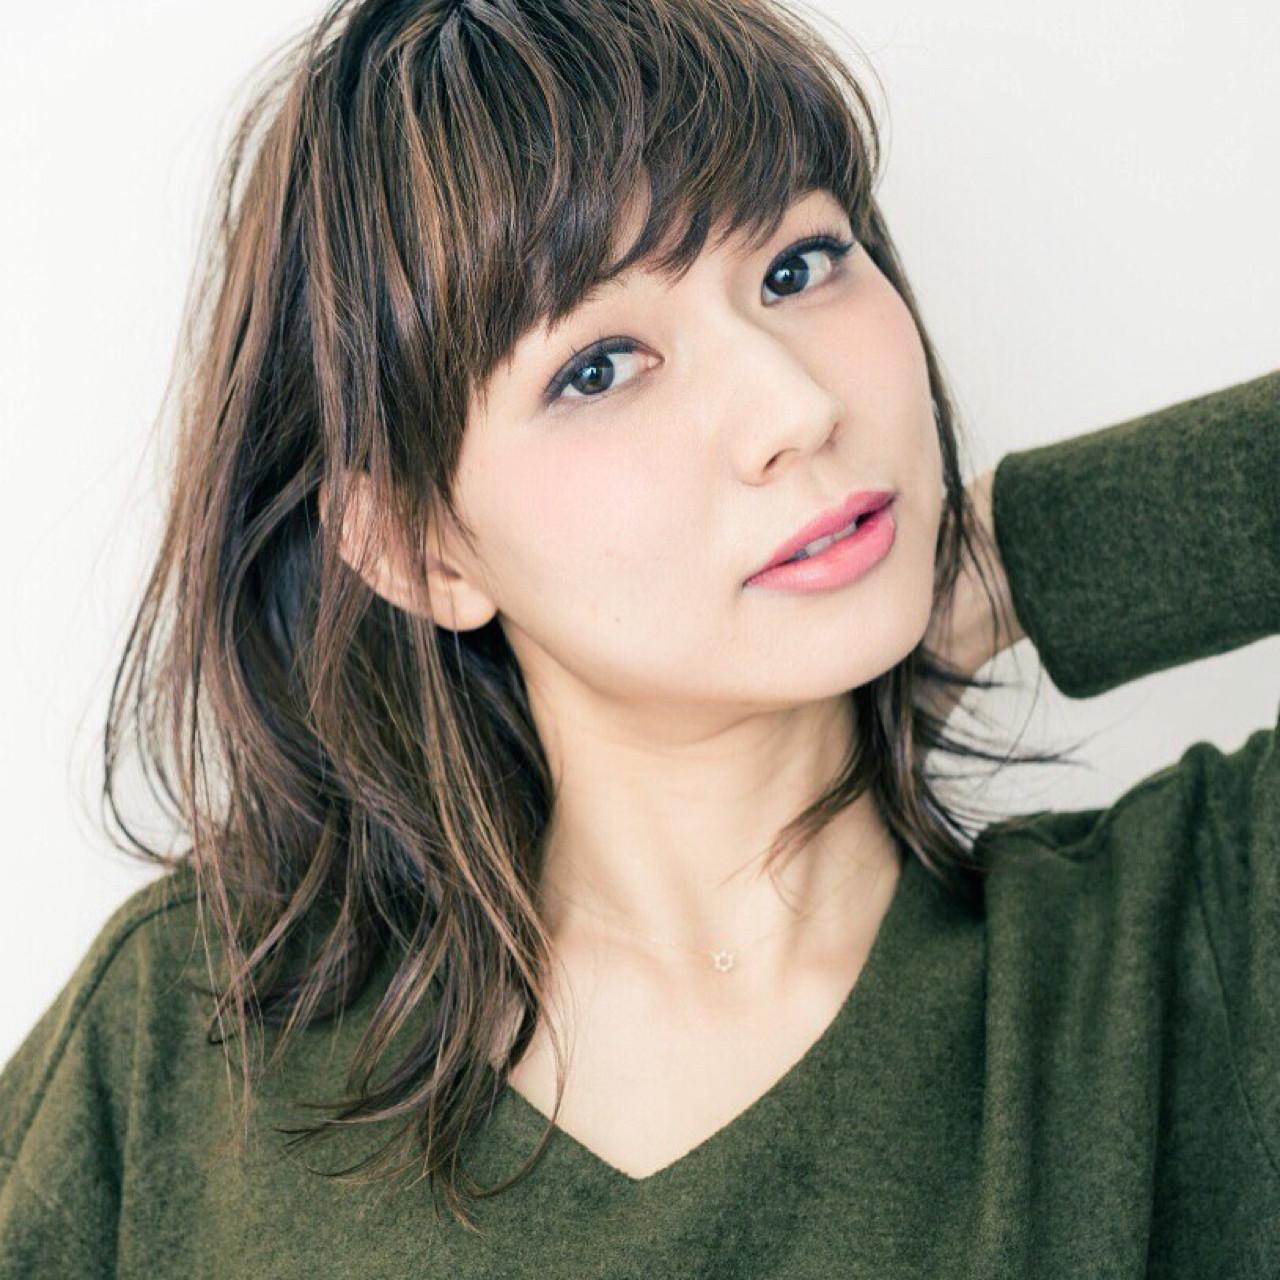 女子のモテる髪型はずばりミディアムレイヤー♡人気のヒケツに迫ります! Tomoya Urasaki